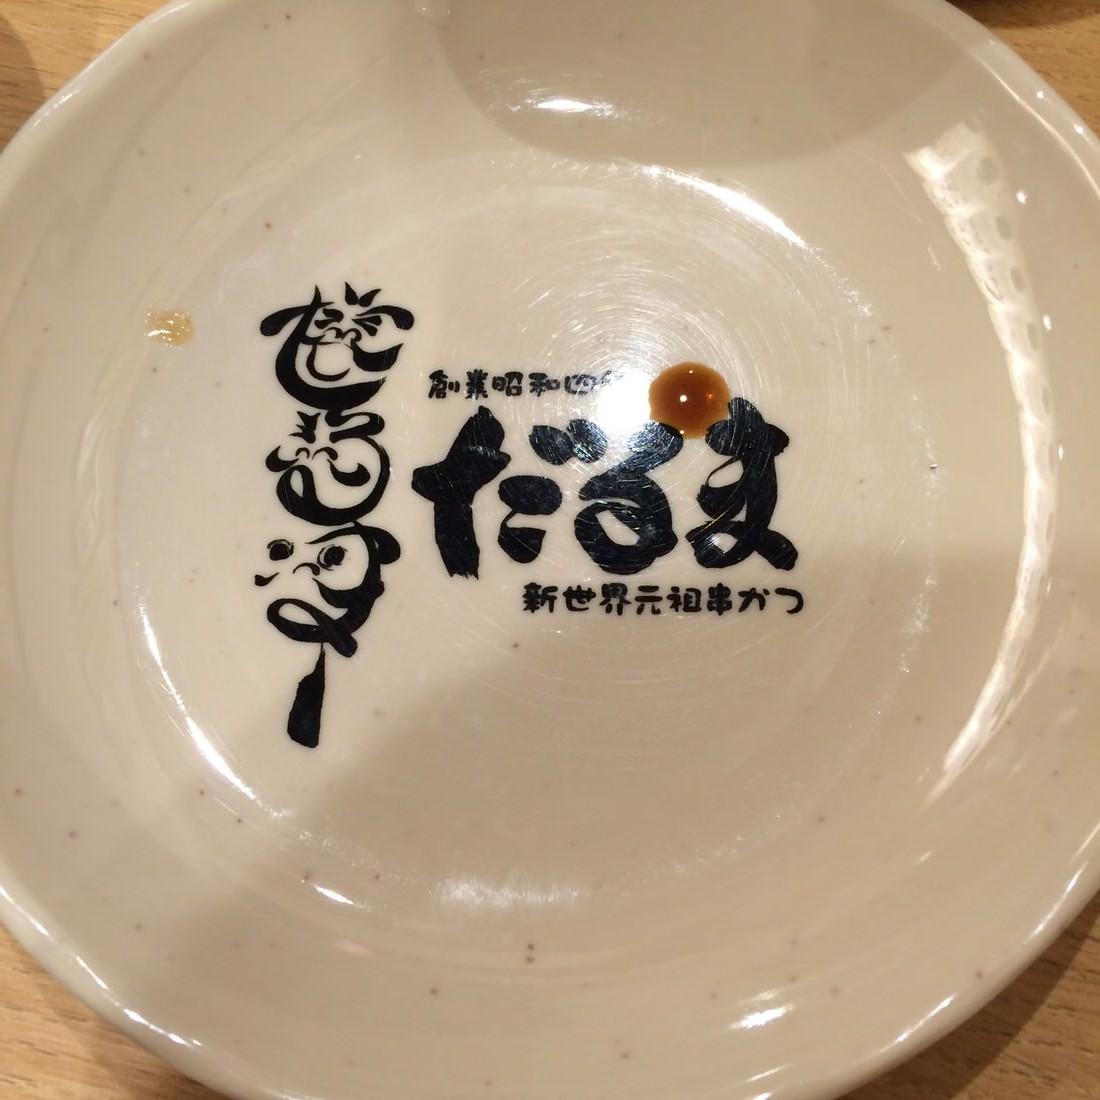 本場の串カツ食べるならやぱり大阪の『だるま』できまりじゃ!